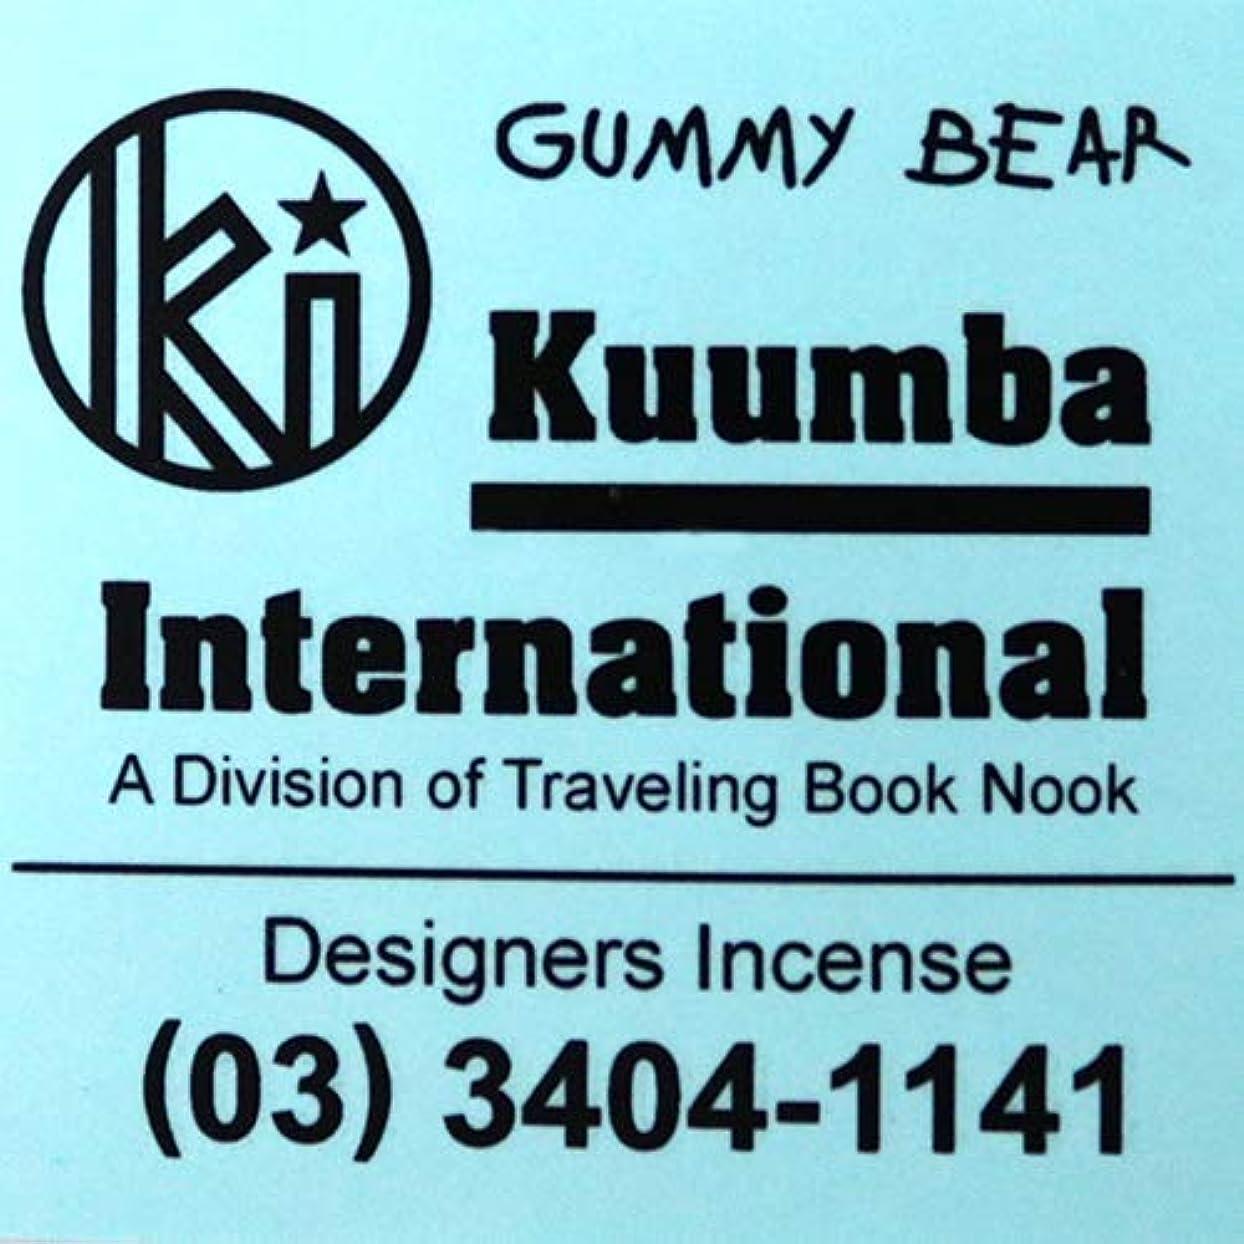 胚有害証明する(クンバ) KUUMBA『incense』(GUMMY BEAR) (GUMMY BEAR, Regular size)